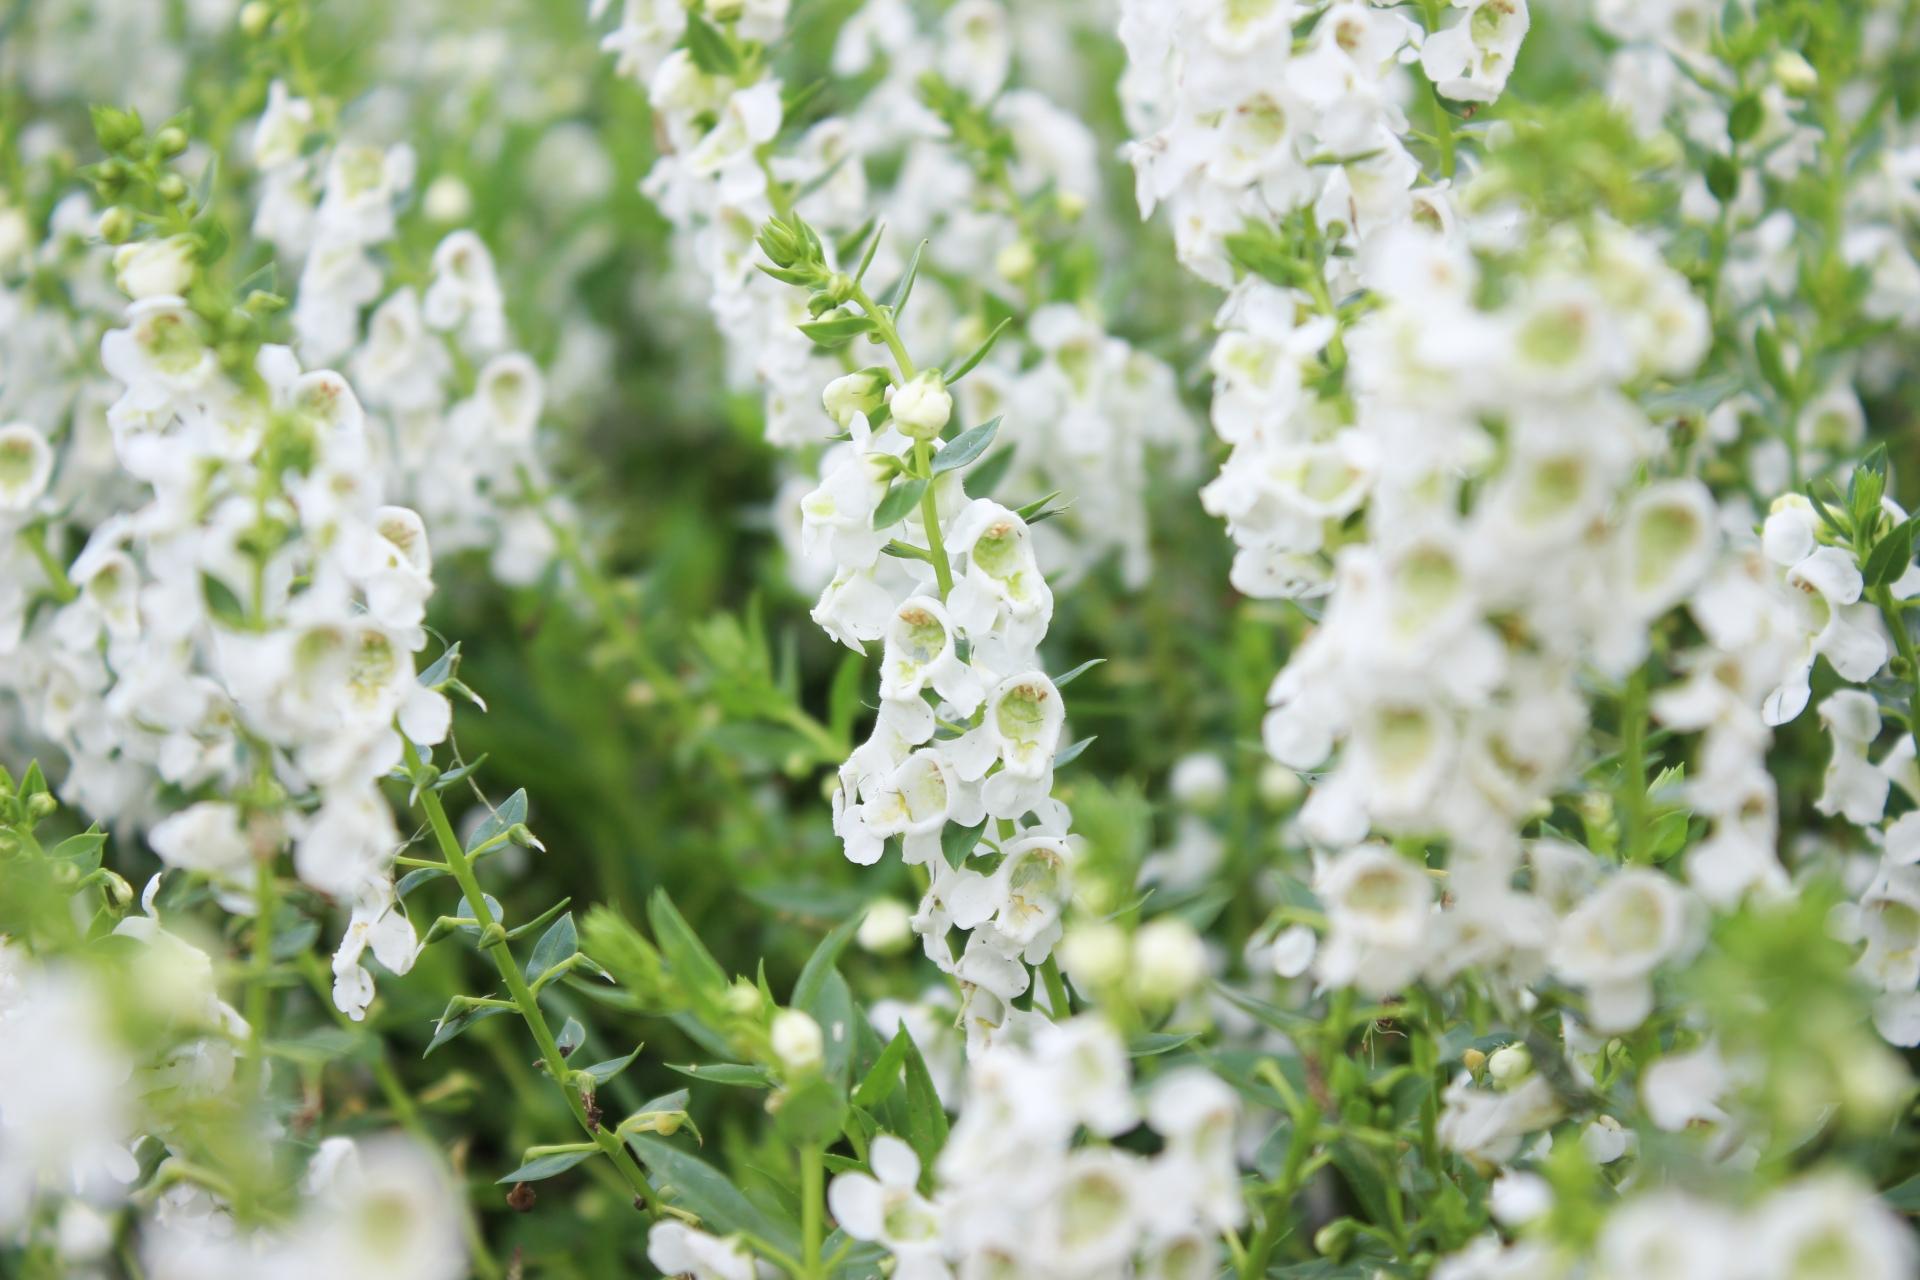 ガーデン用品屋さんの花図鑑 アンゲロニア